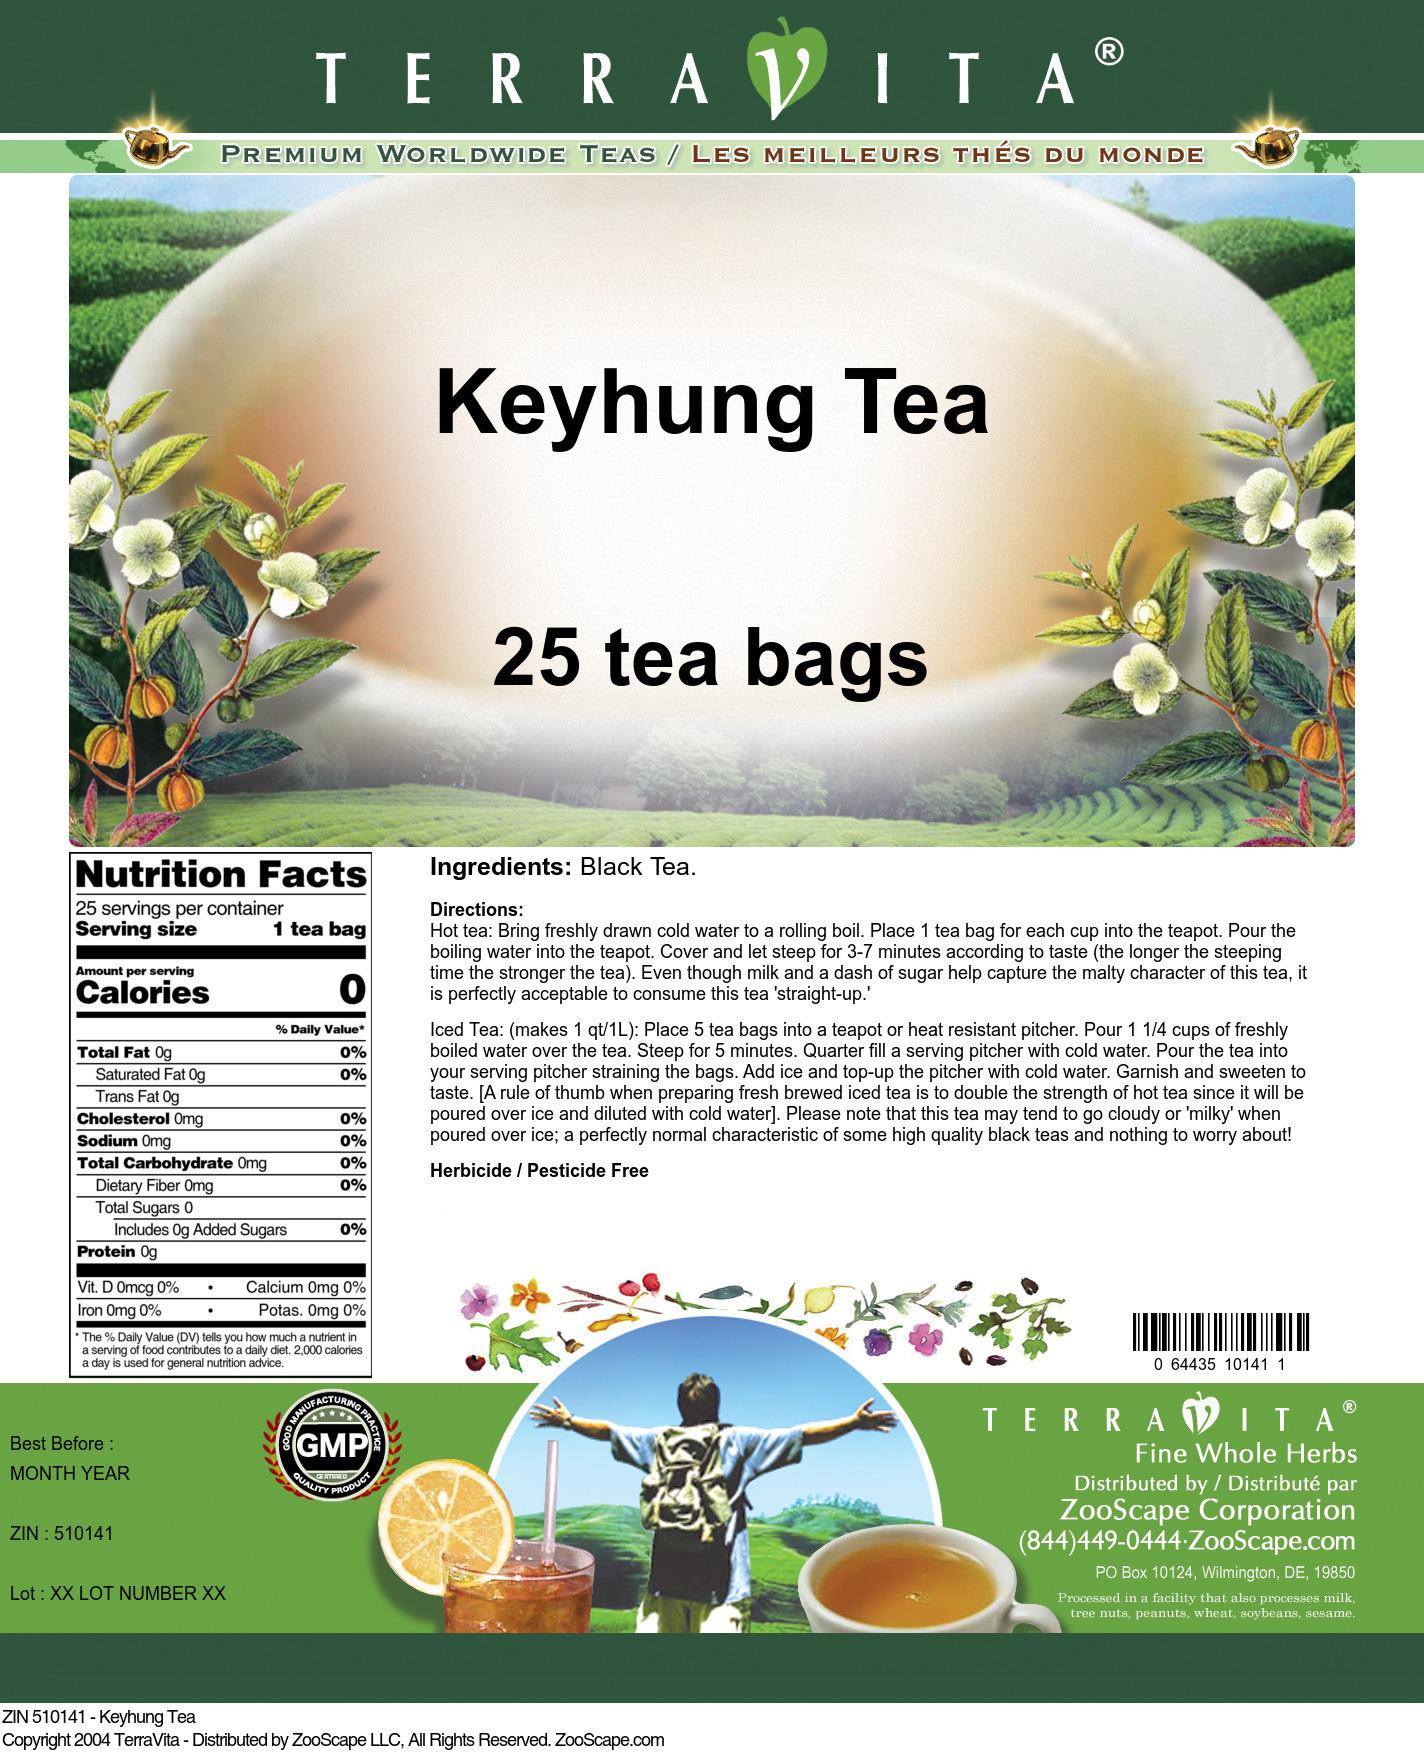 Keyhung Tea